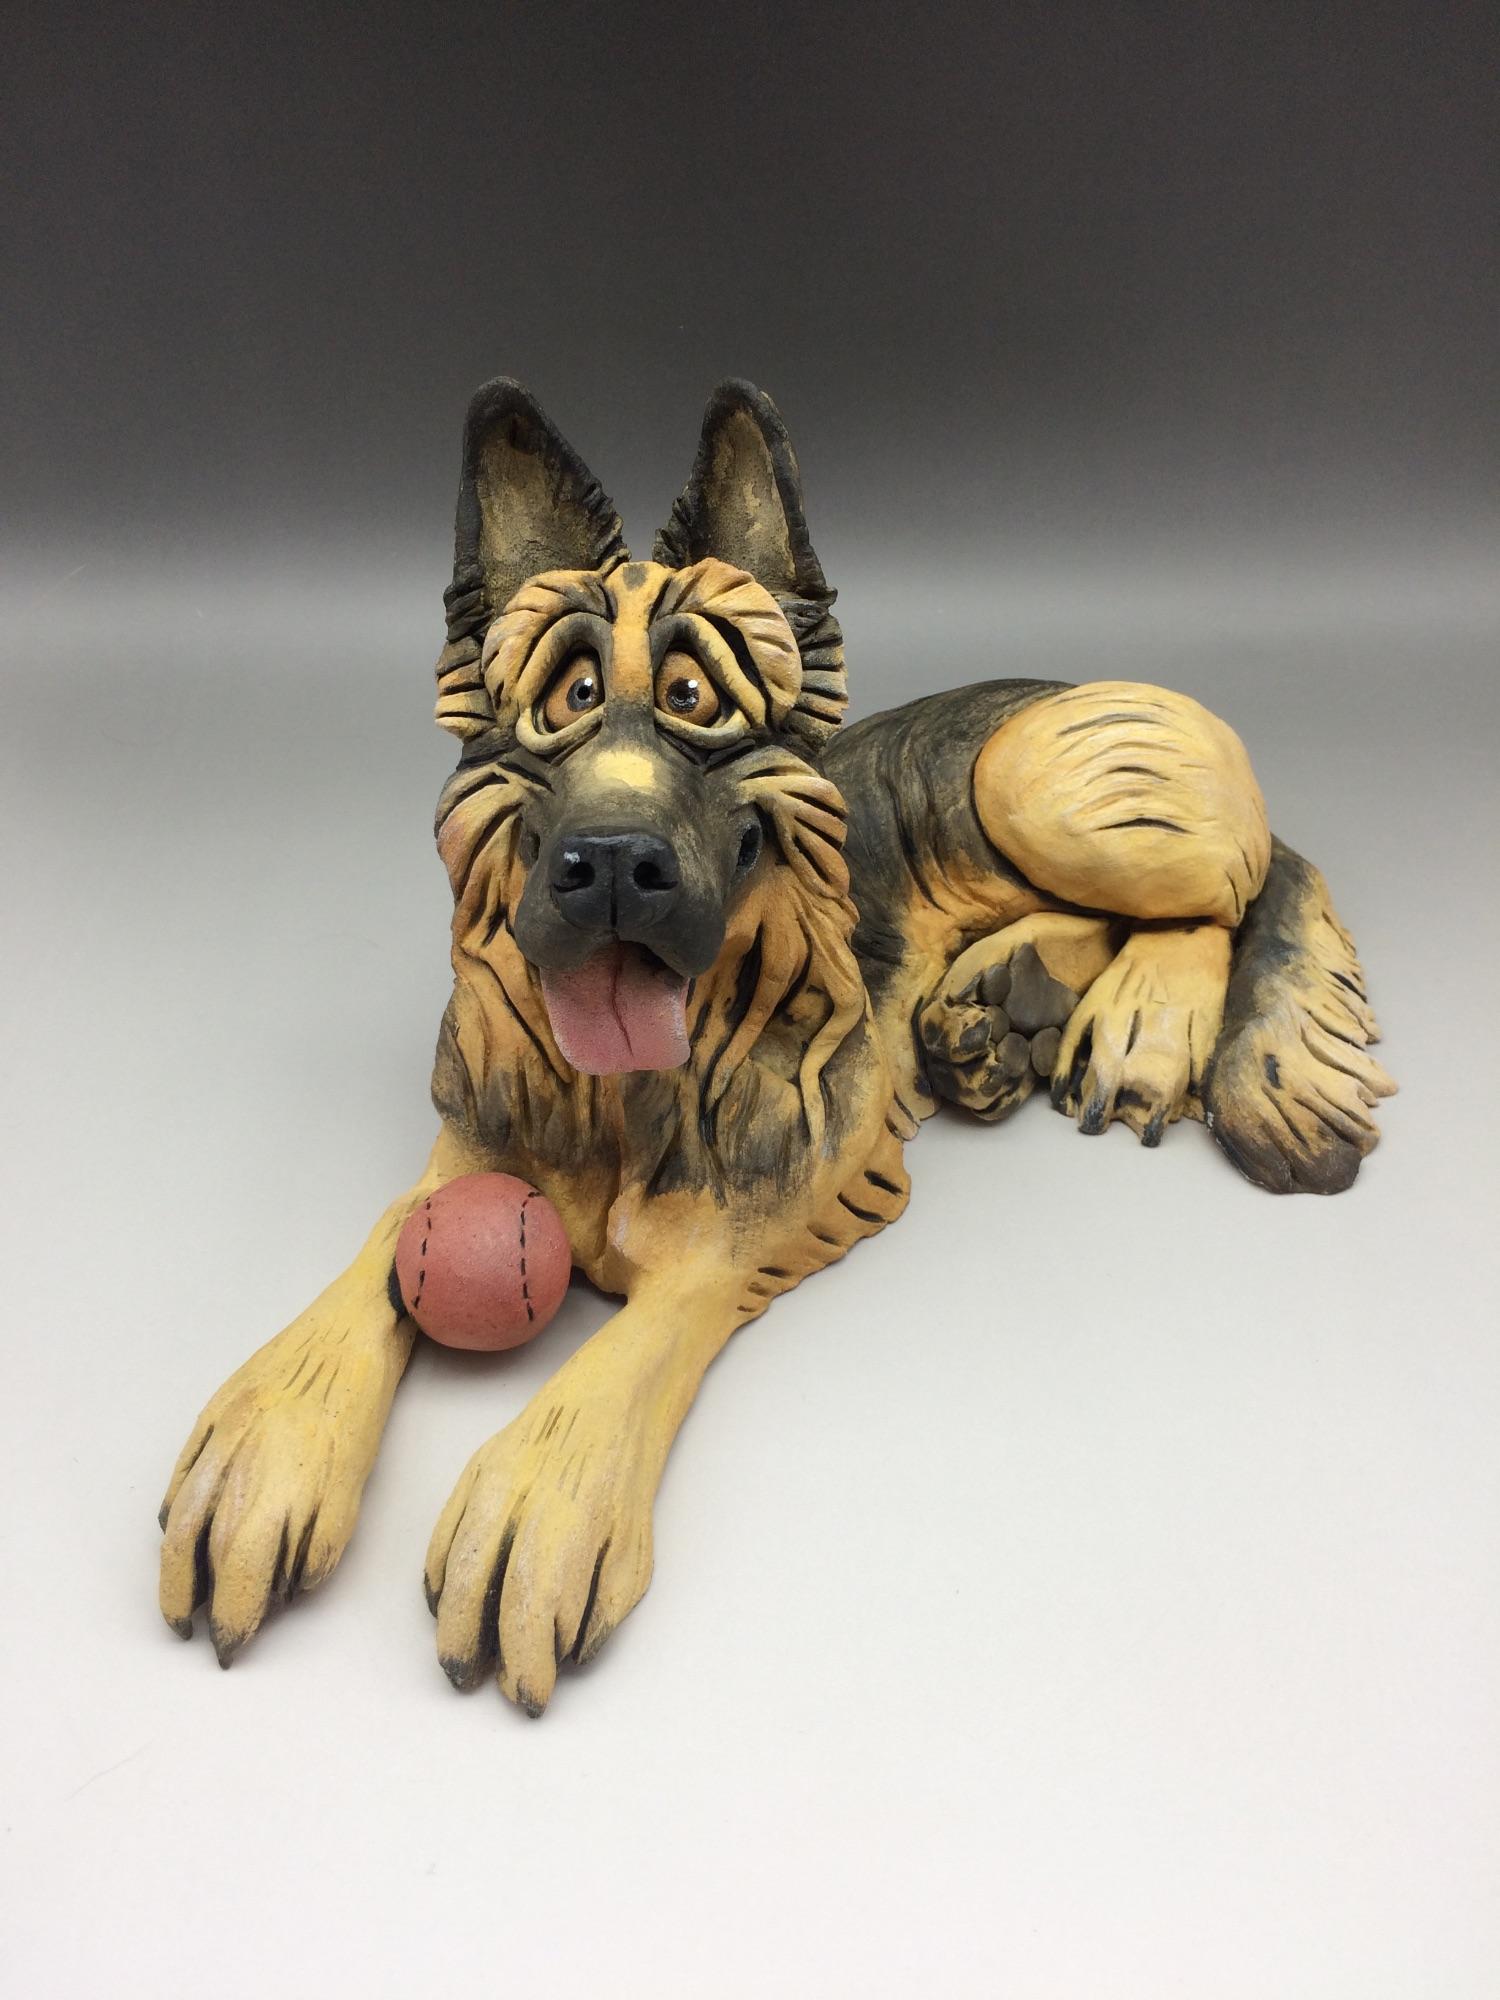 Alsatian, German Shepherd Dog Sculpture Ceramic